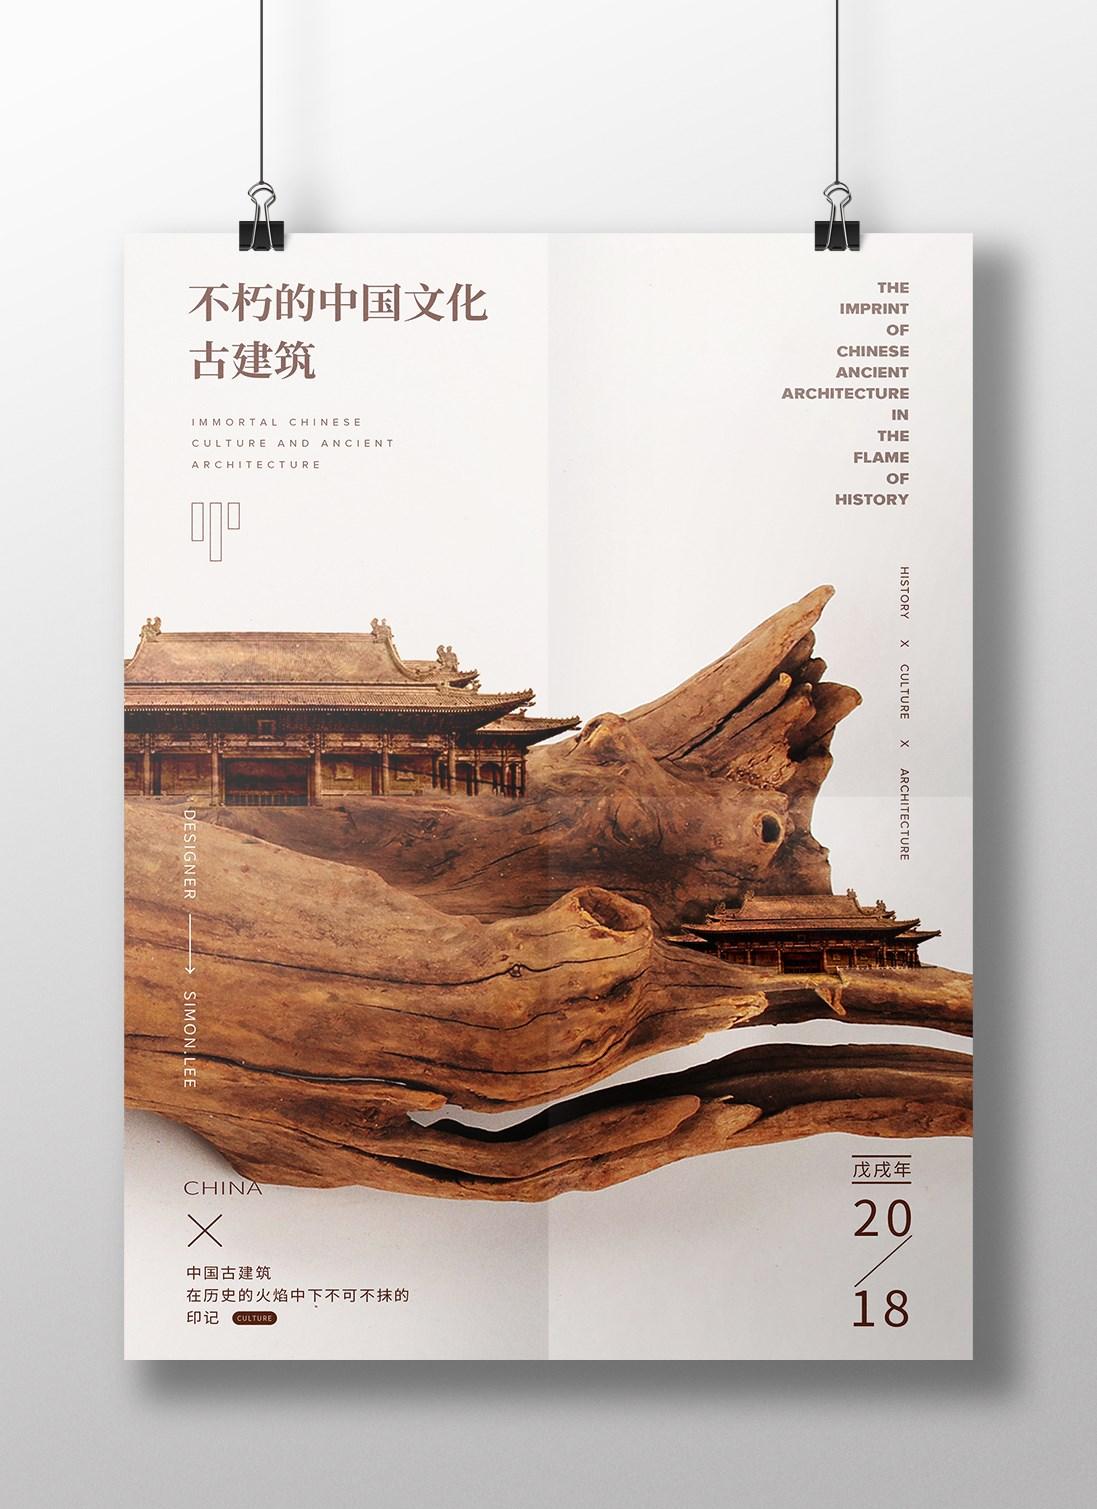 文化海报丨不朽的历史-古建筑